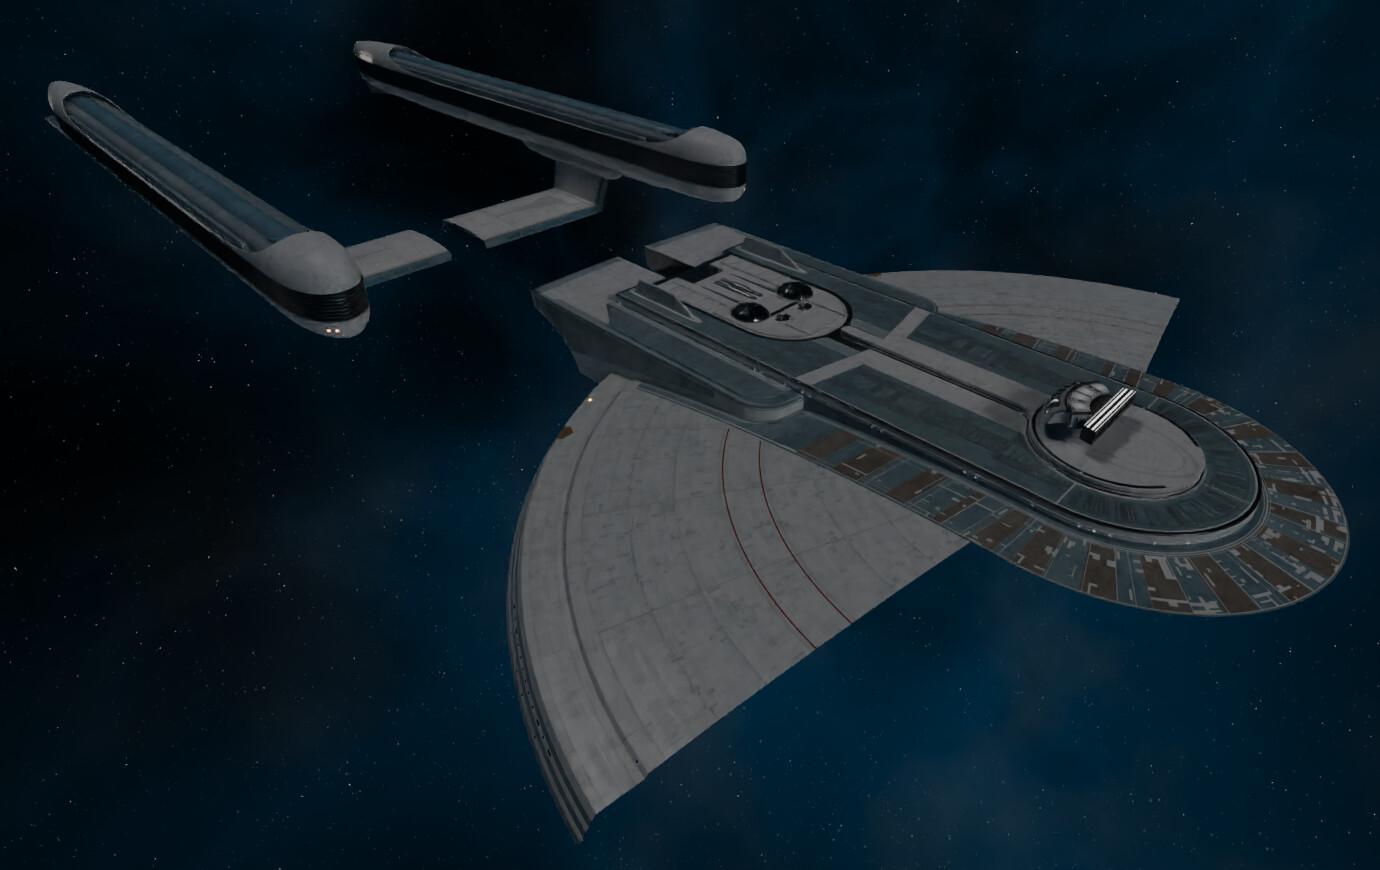 tadeo-d-oria-screenshot-from-2021-08-13-02-43-34.jpg?1628833857